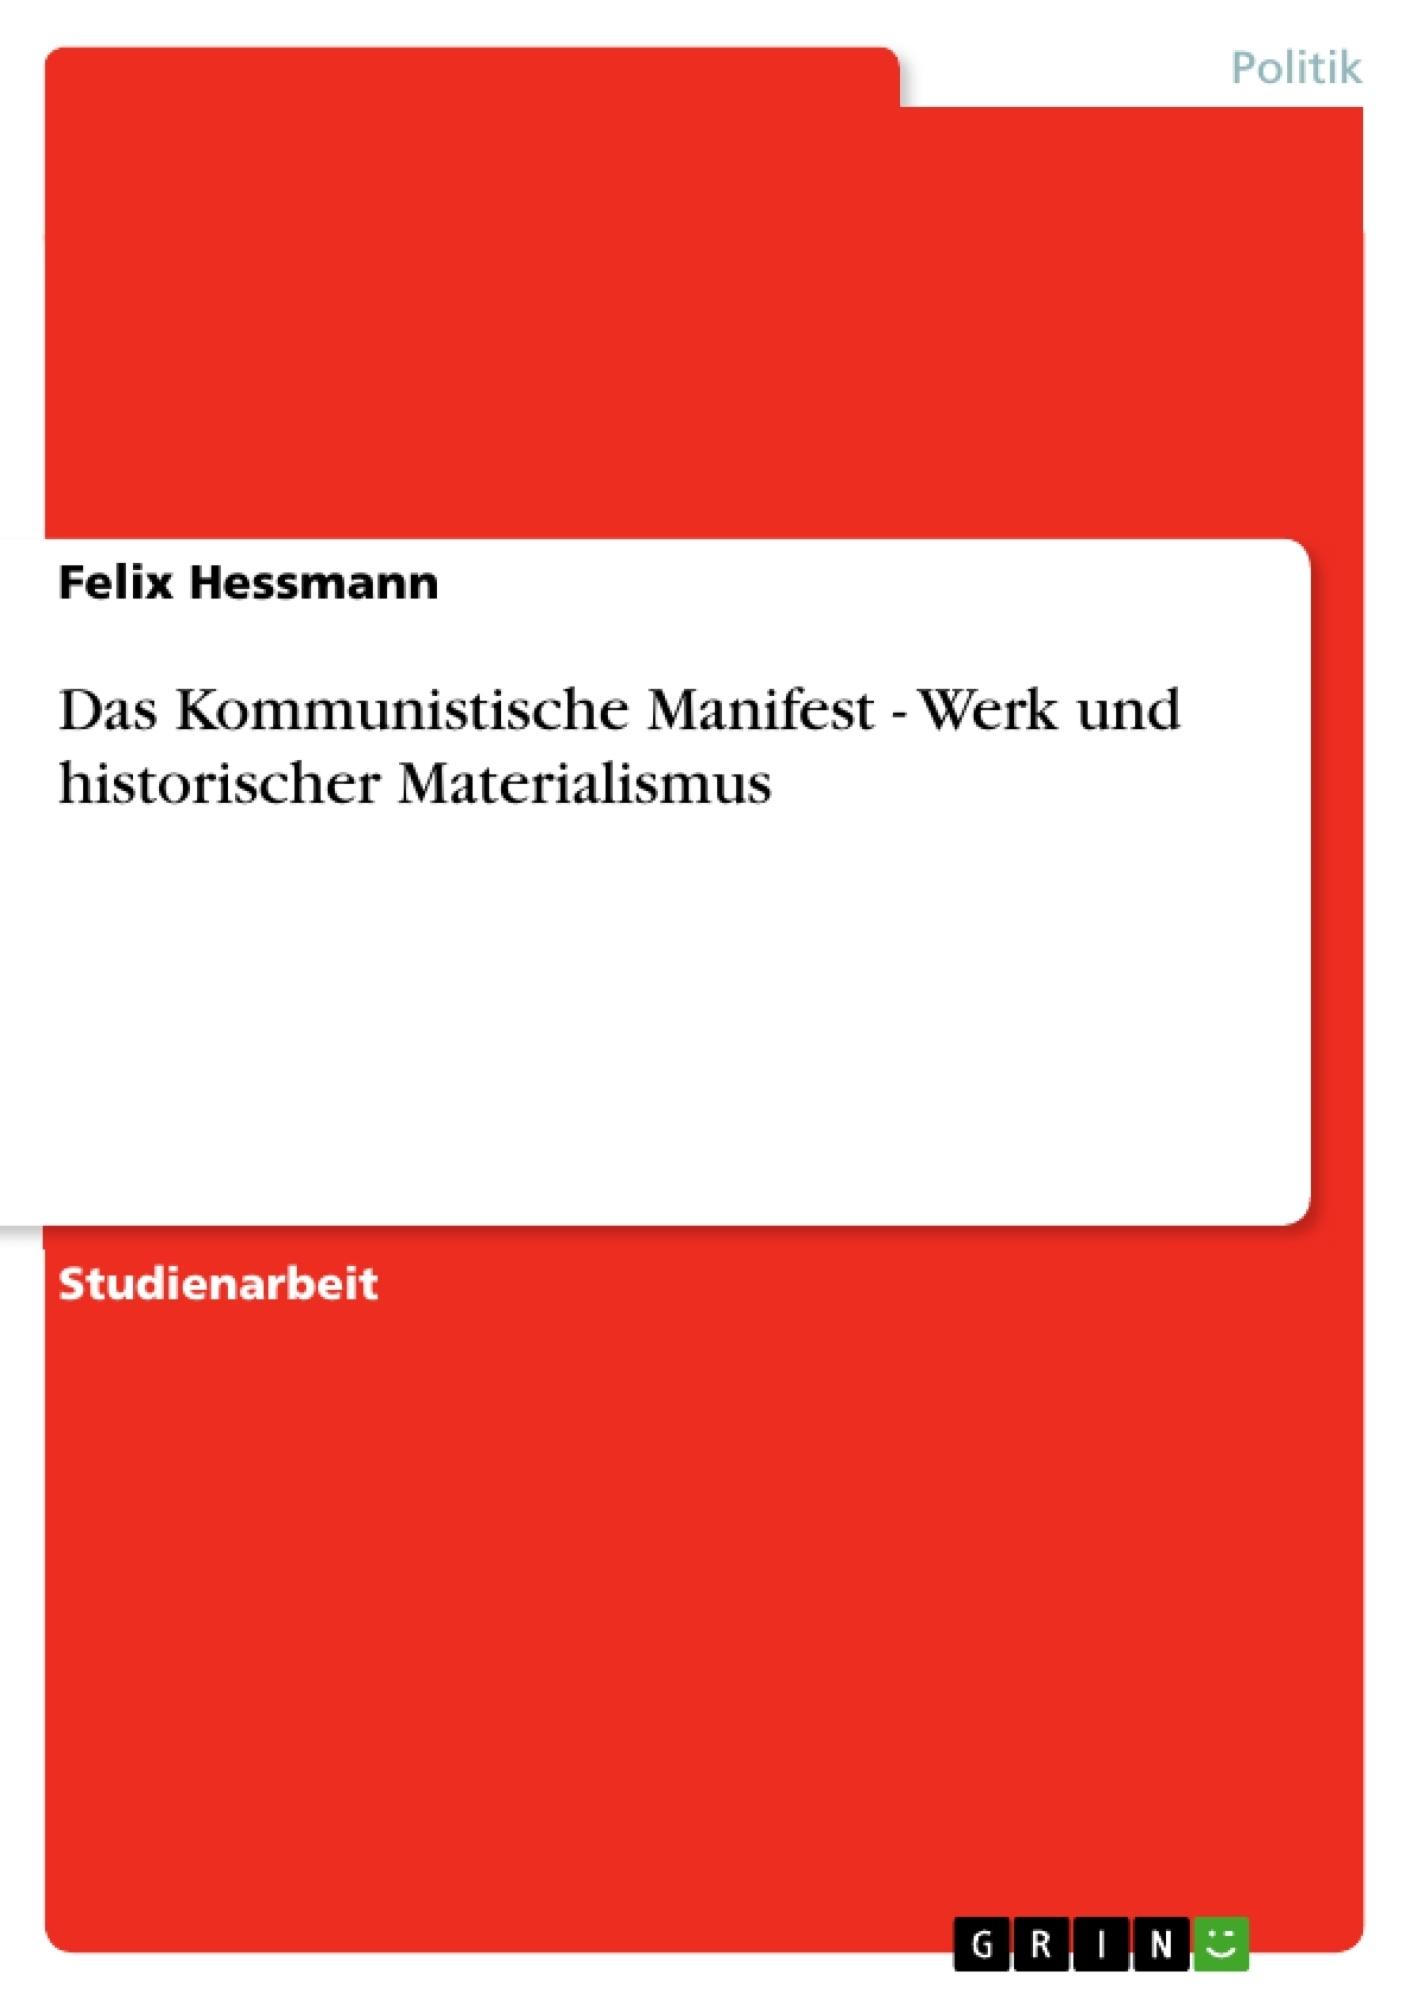 Titel: Das Kommunistische Manifest - Werk und historischer Materialismus